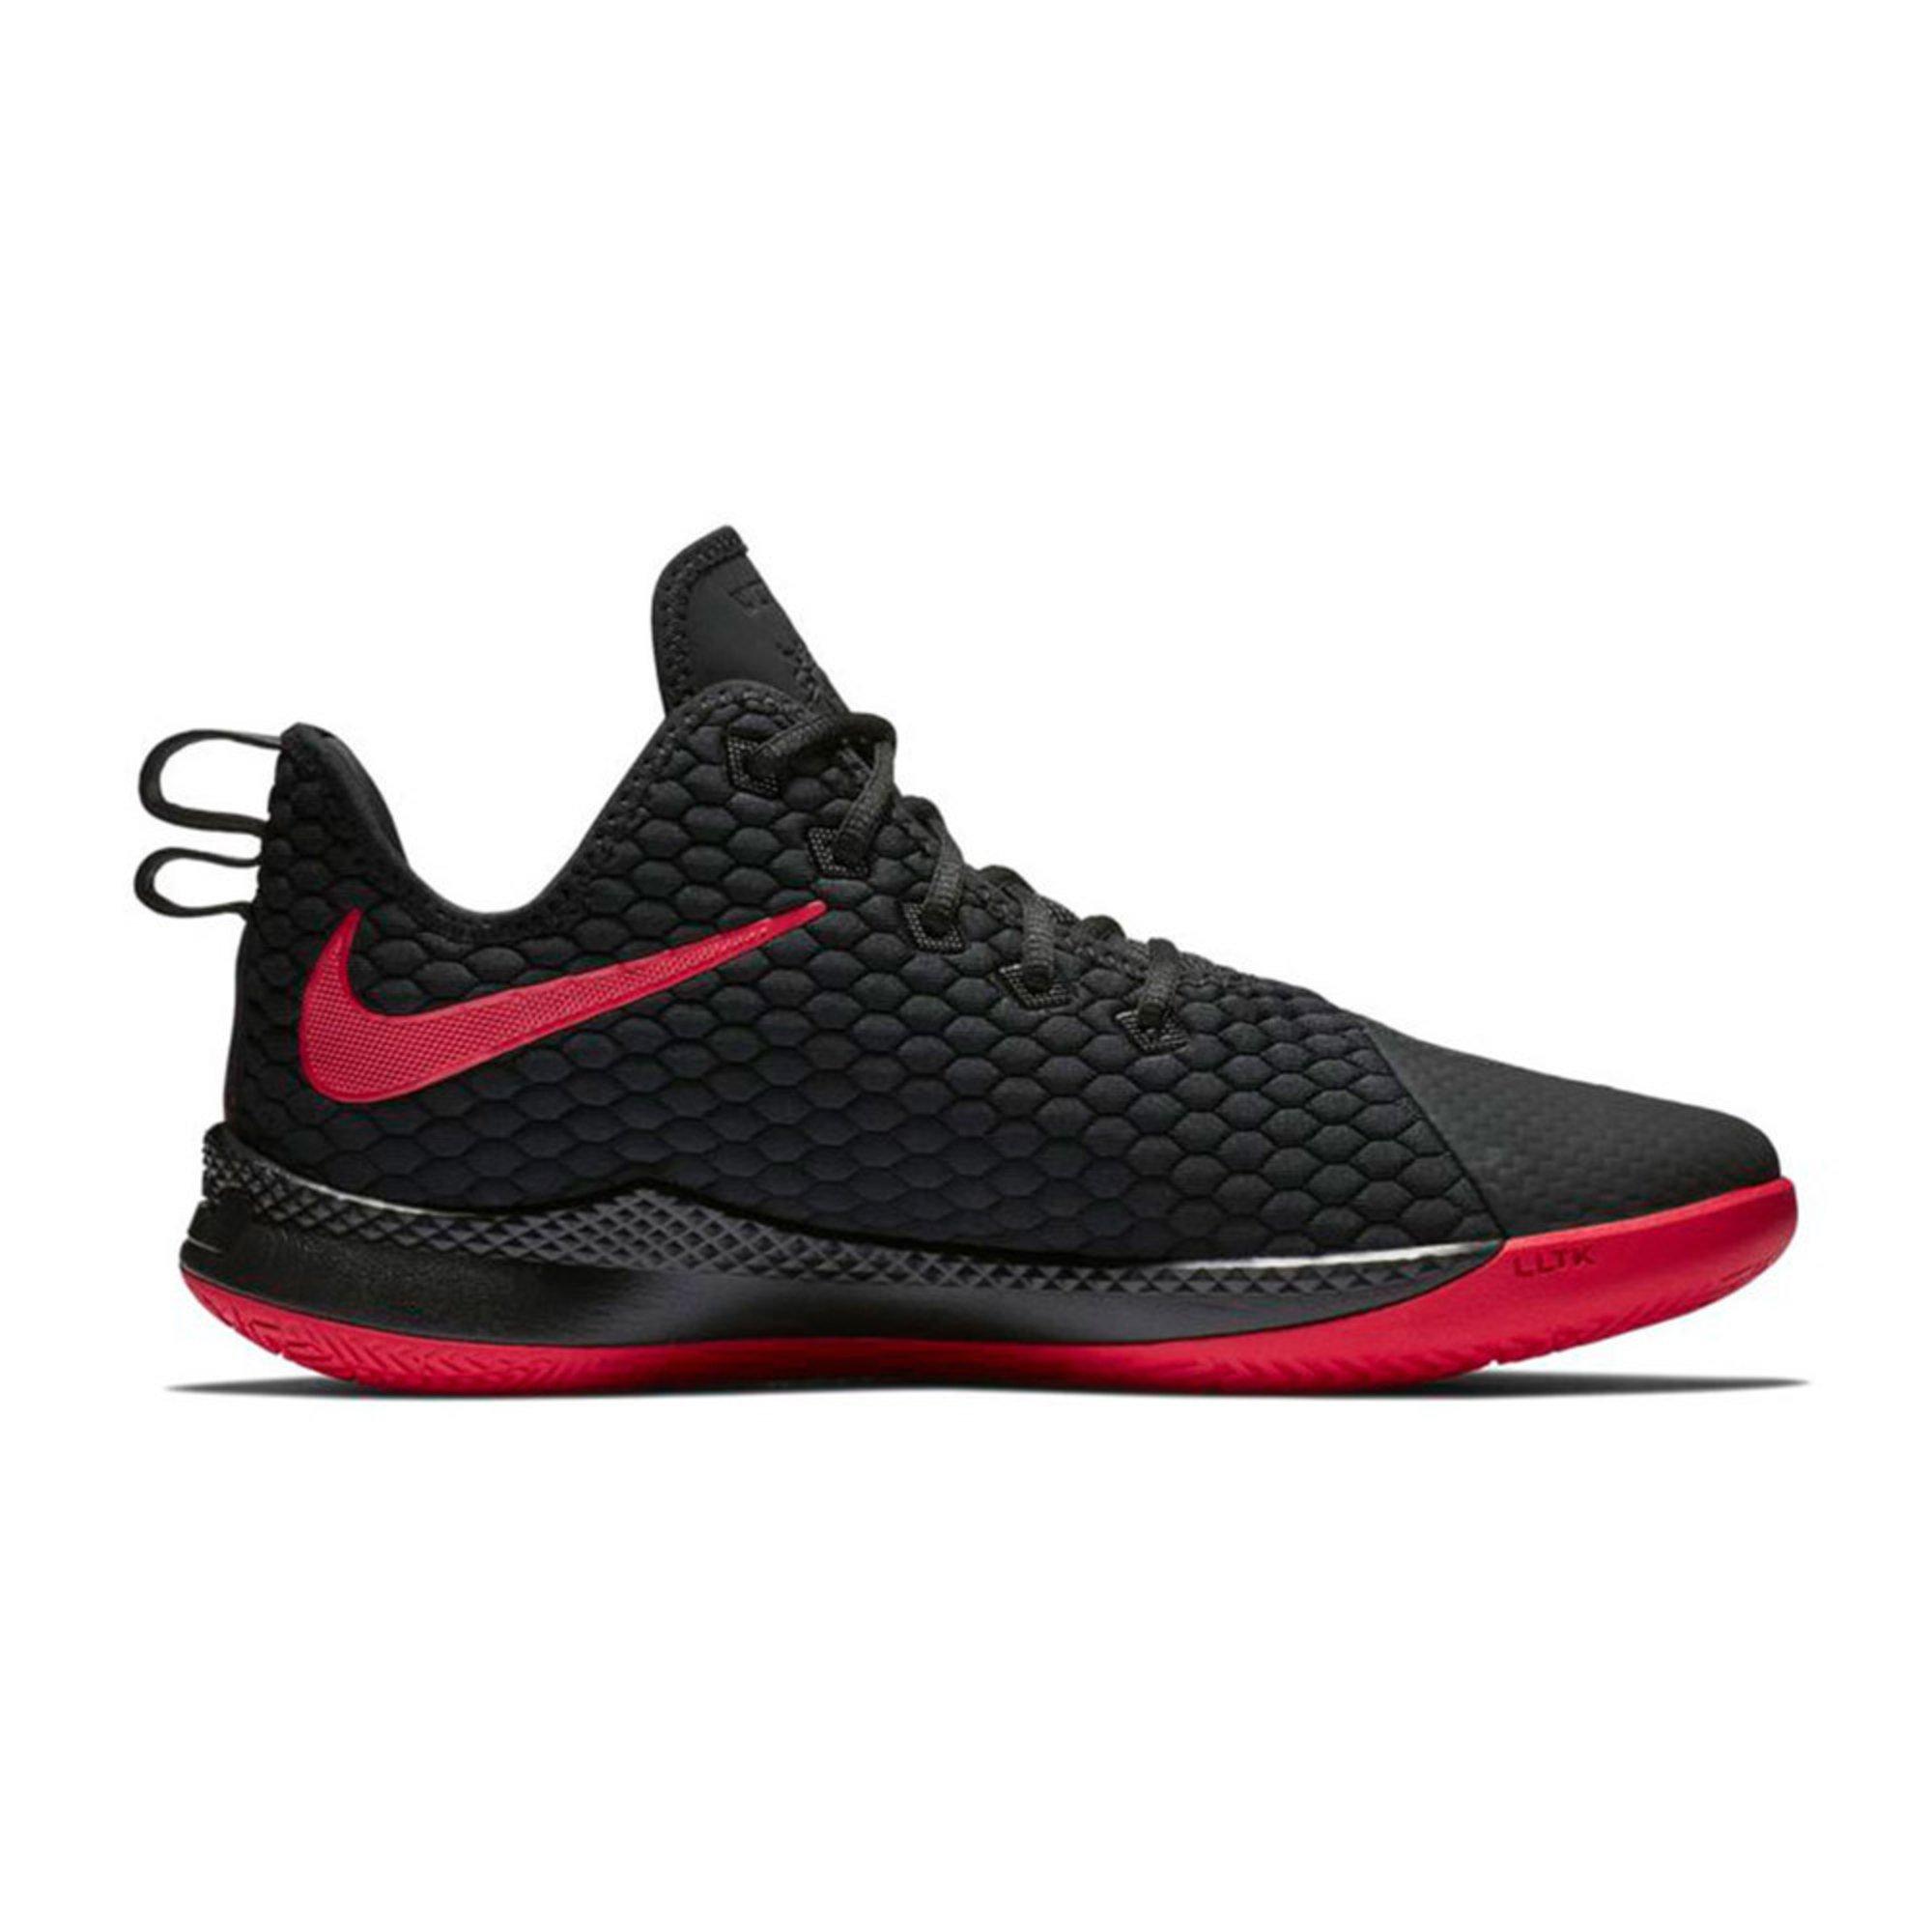 addfe79f0b1c ... hot nike. nike lebron witness iii mens basketball shoe 365c2 8ac5a